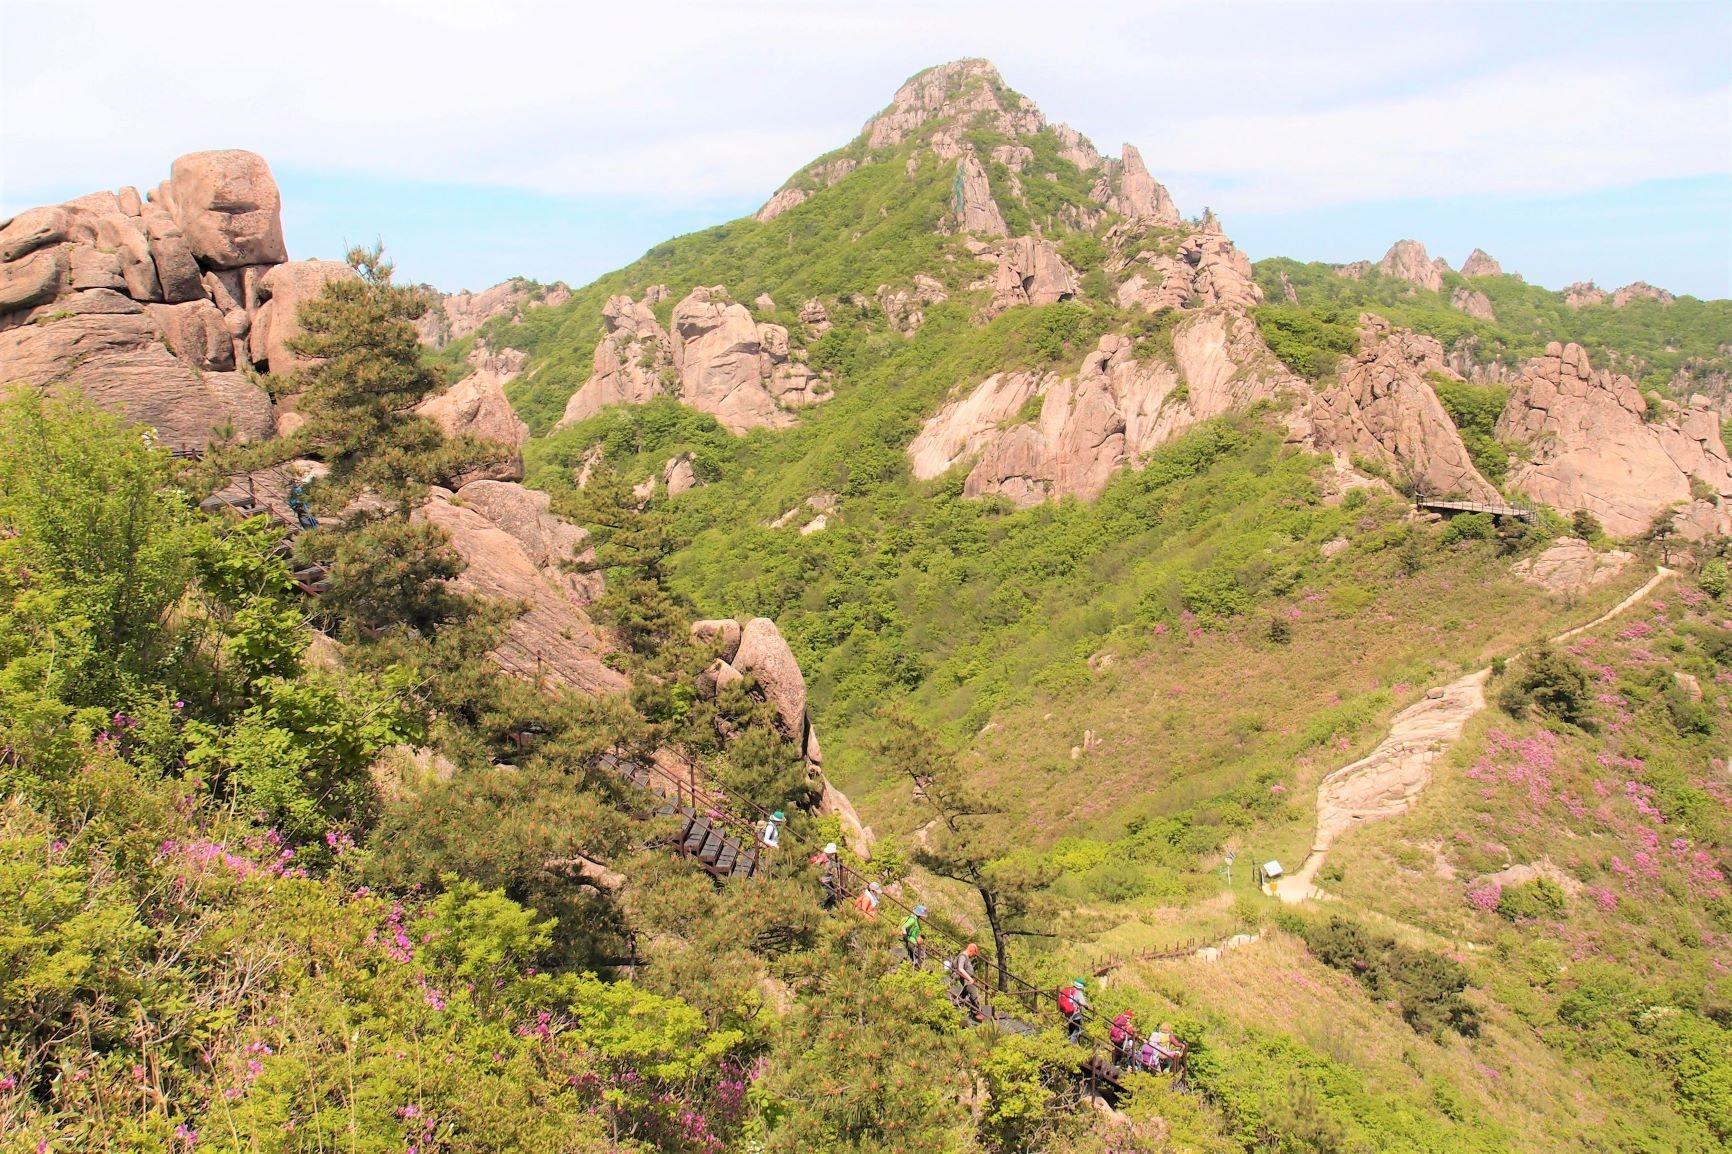 聳える月出山(ウォルチュルサン)の独特の景観(2日目)